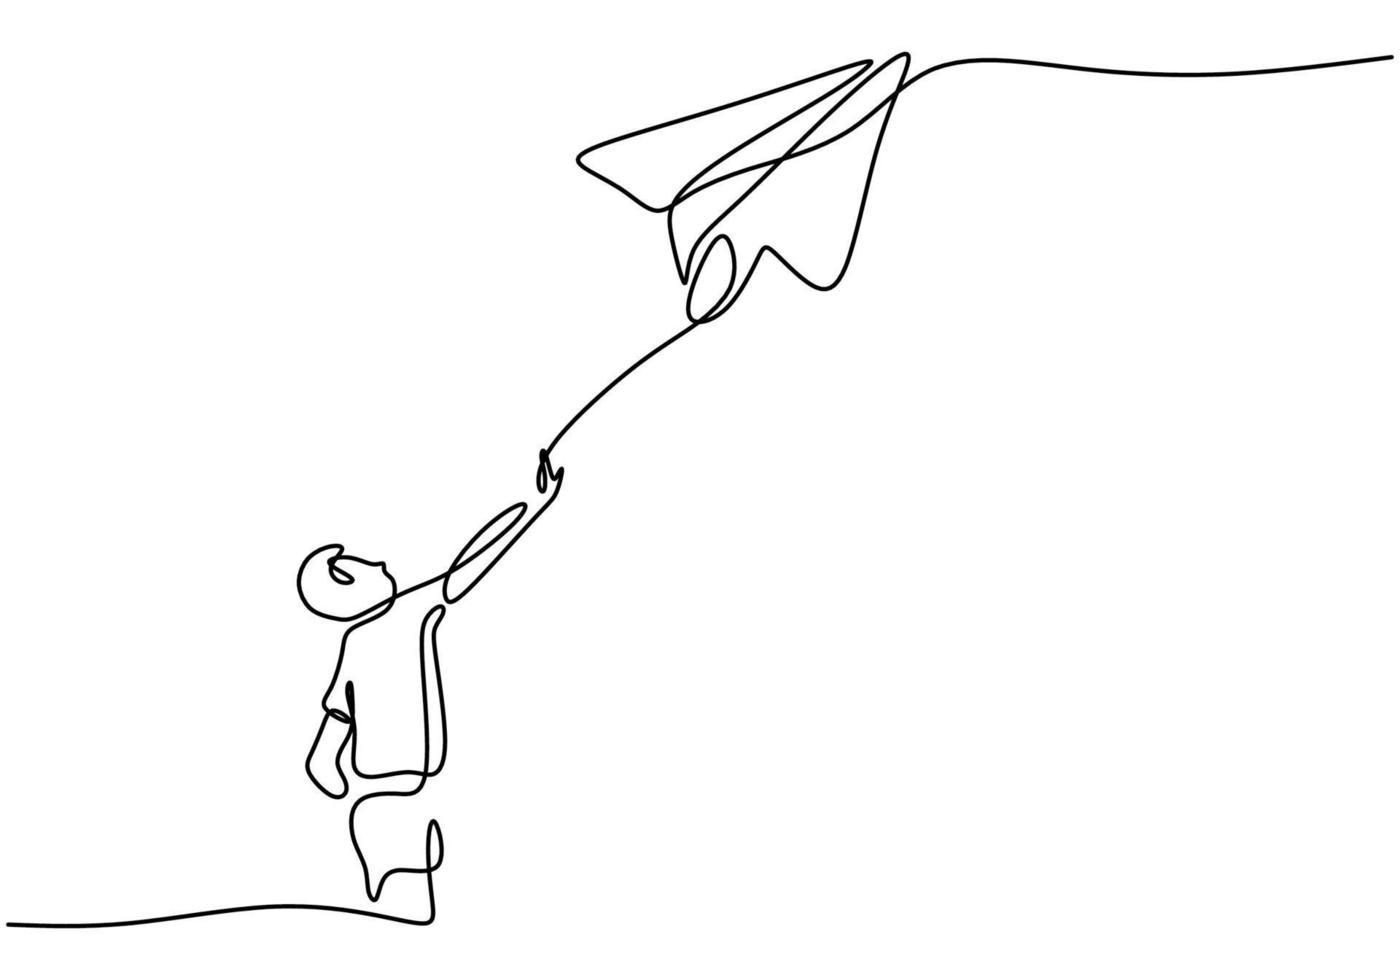 un disegno in linea continua del ragazzo lancia un aereo. ragazzino che gioca aeroplano di carta nel cielo al campo all'aperto isolato su sfondo bianco. concetto minimalista creativo di libertà e passione vettore